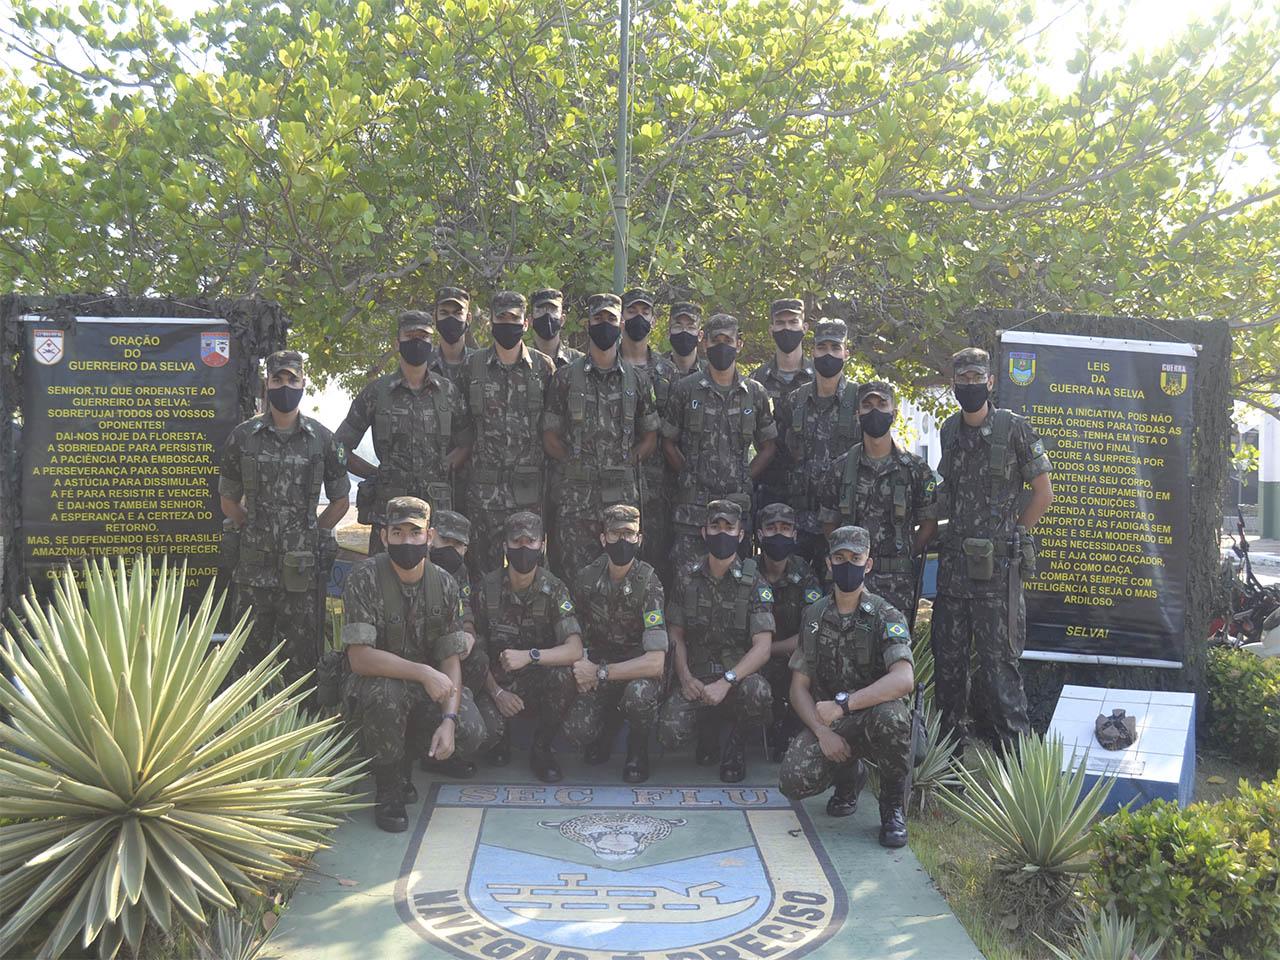 Núcleo de Preparação de Oficiais da Reserva do 22º Batalhão de Infantaria realiza instruções e visitas às Organizações Militares da Guarnição de Marabá (PA)